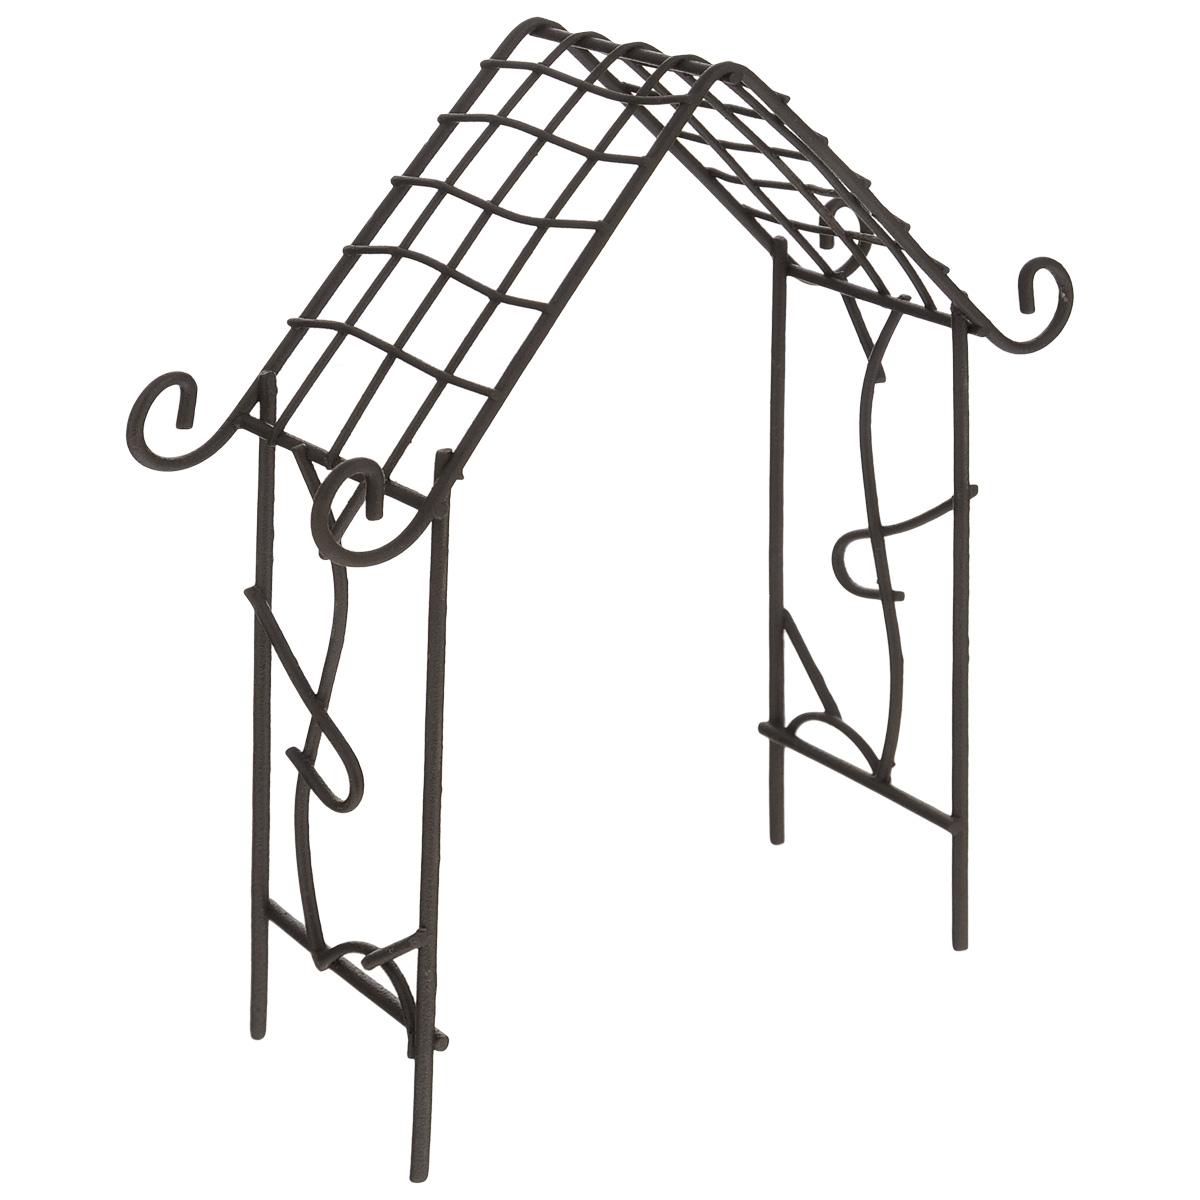 Миниатюра кукольная ScrapBerrys Мини арка-домик, цвет: коричневый, 12,5 см х 4 см х 15,5 смSCB271022Миниатюра кукольная ScrapBerrys Мини арка-домик изготовлена из высококачественного металла в виде небольшой арки. Изделие украшено изящными коваными завитками. Такая миниатюра прекрасно подойдет для декорирования кукольных домиков, а также для оформления работ в самых различных техниках. С ее помощью можно обставлять румбокс. Можно использовать в шэдоубоксах или просто как изысканные украшения для скрап-работ. Размер изделия: 12,5 см х 4 см х 15,5 см.